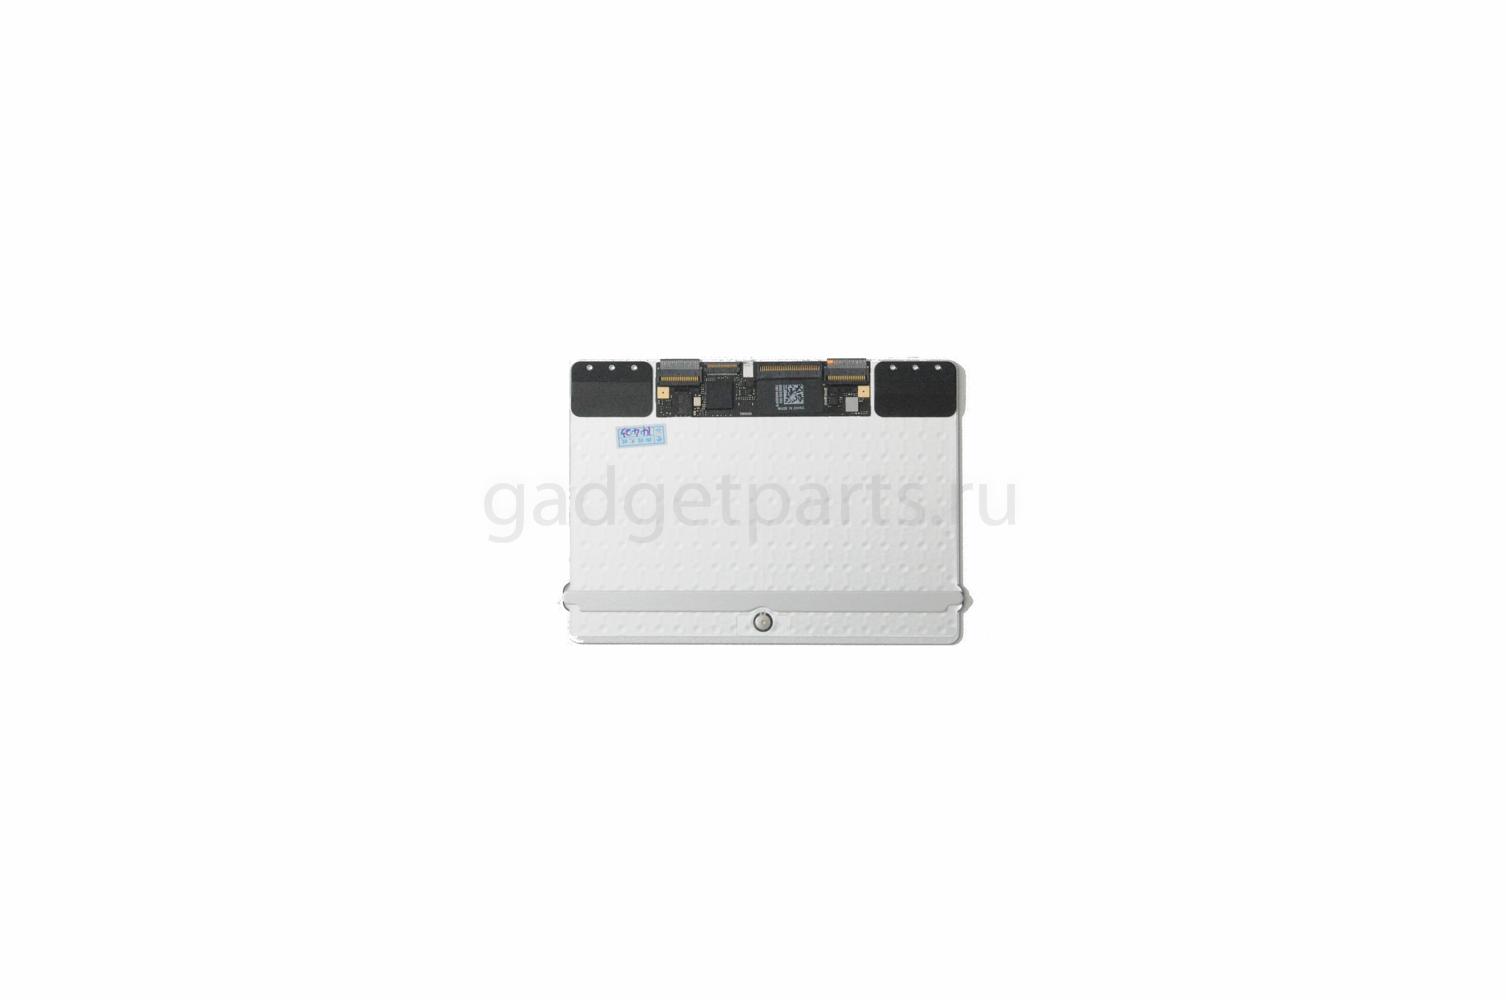 Тачпад MacBook Air 13 A1369 2009-2013 года